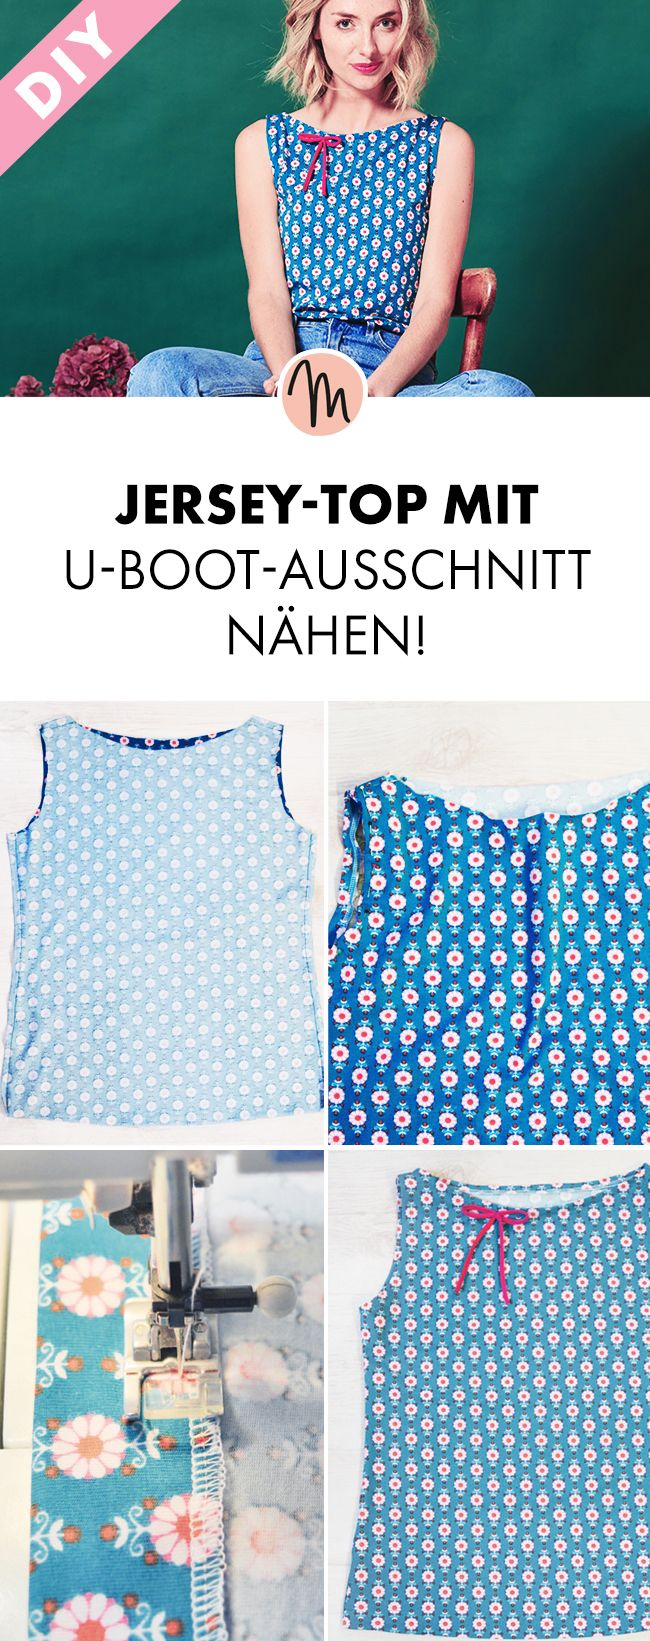 Sommer-Look: Jersey-Top mit U-Boot-Ausschnitt nähen! | Pinterest ...